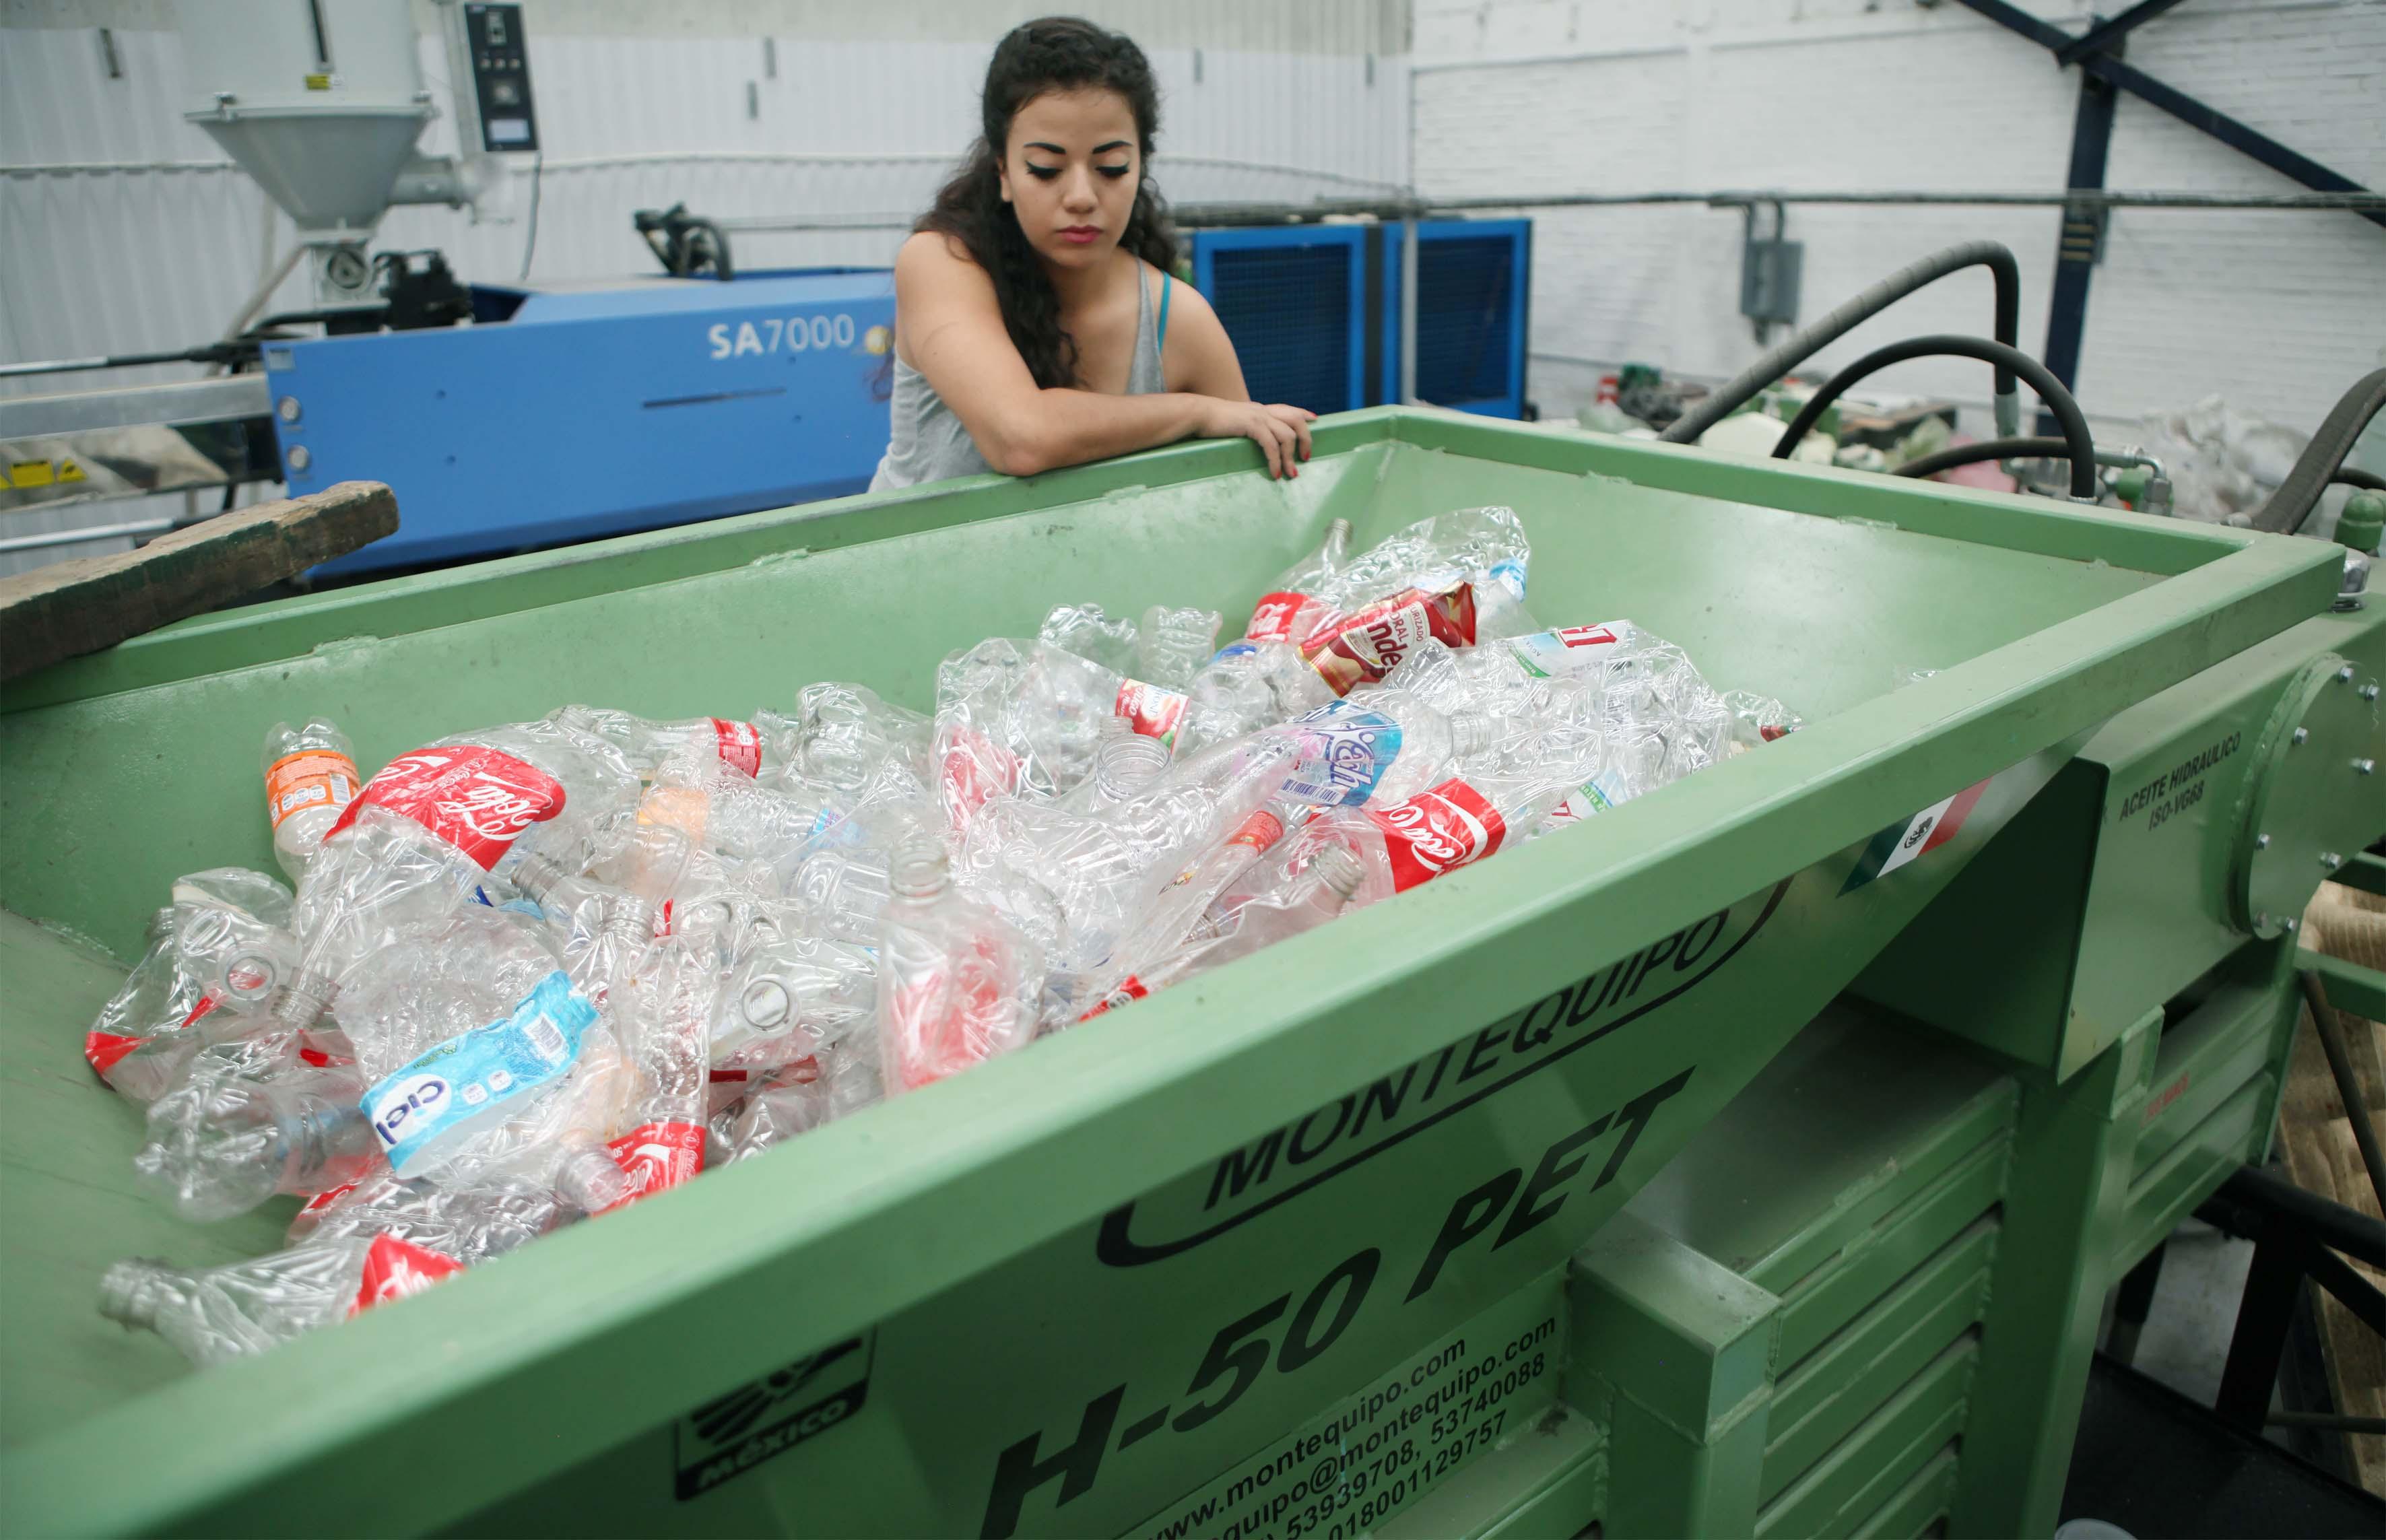 Mujer junto a contenedor lleno de botellas de plastico